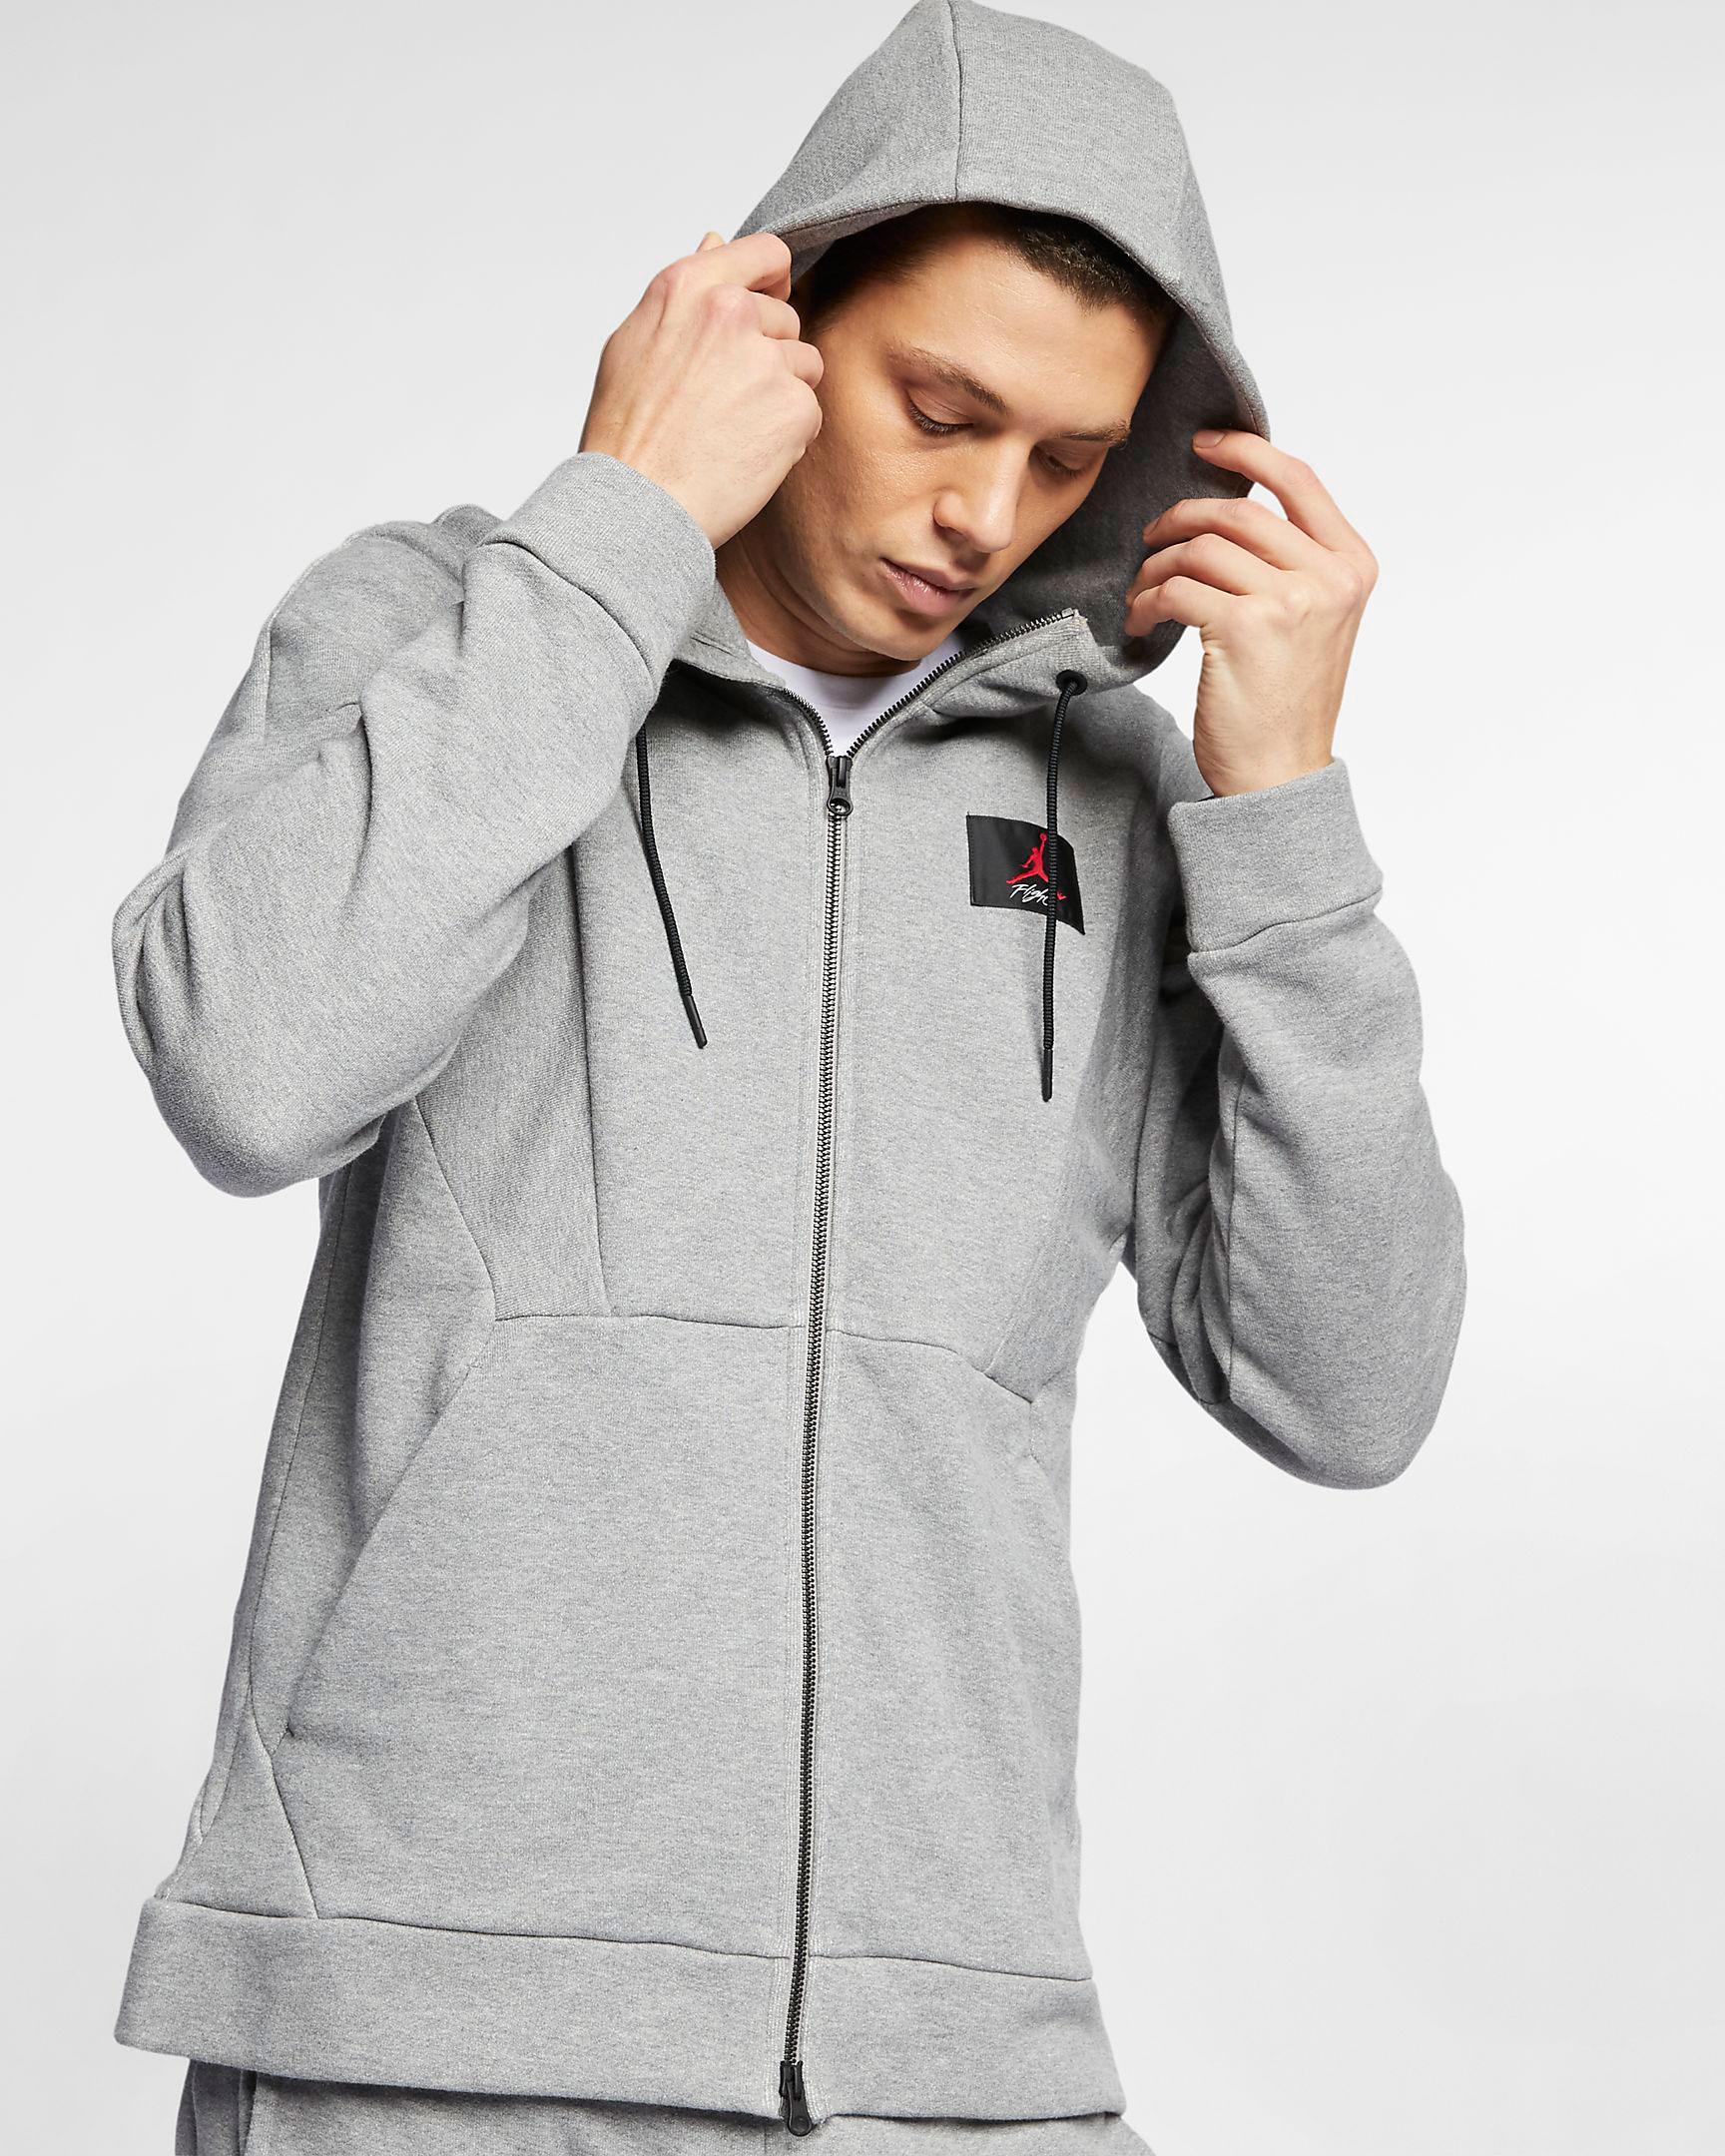 air-jordan-4-bred-2019-hoodie-4